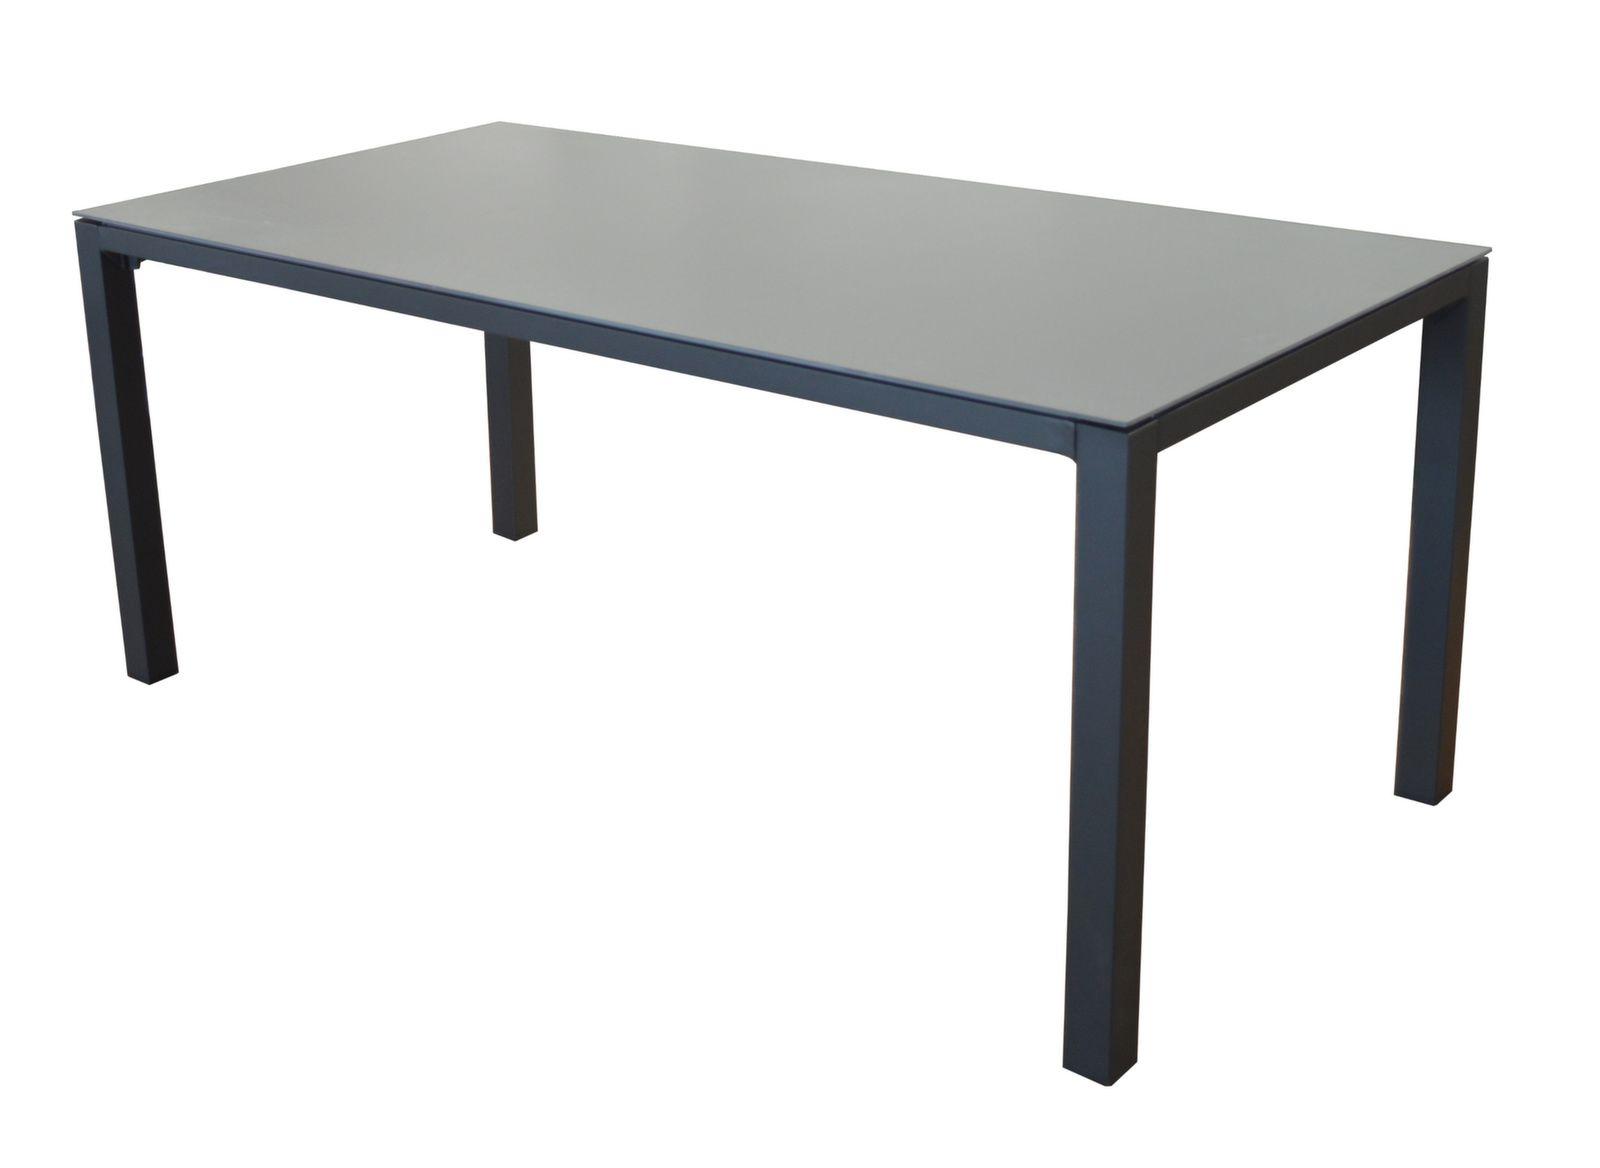 Table de jardin bavella 180cm plateau c ramique proloisirs for Plateau table 180